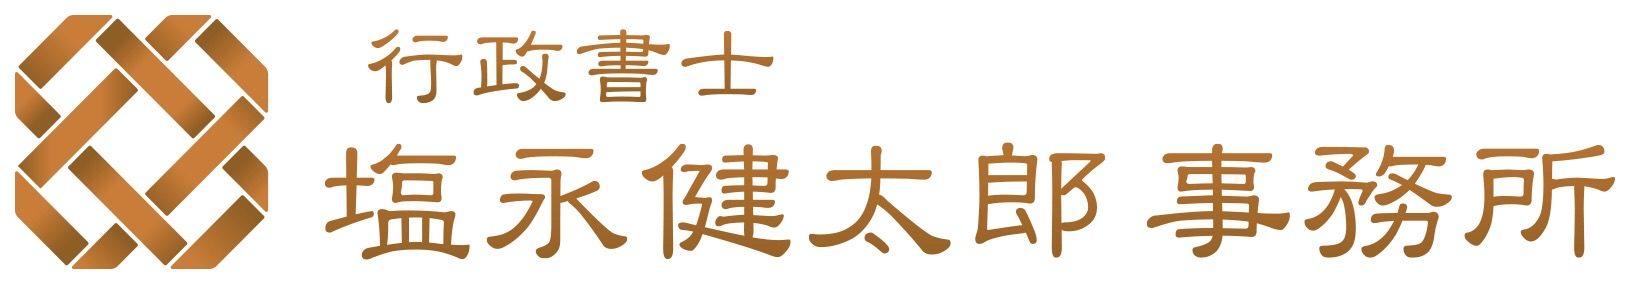 熊本県内の法人、個人事業主様向け顧問契約のご案内